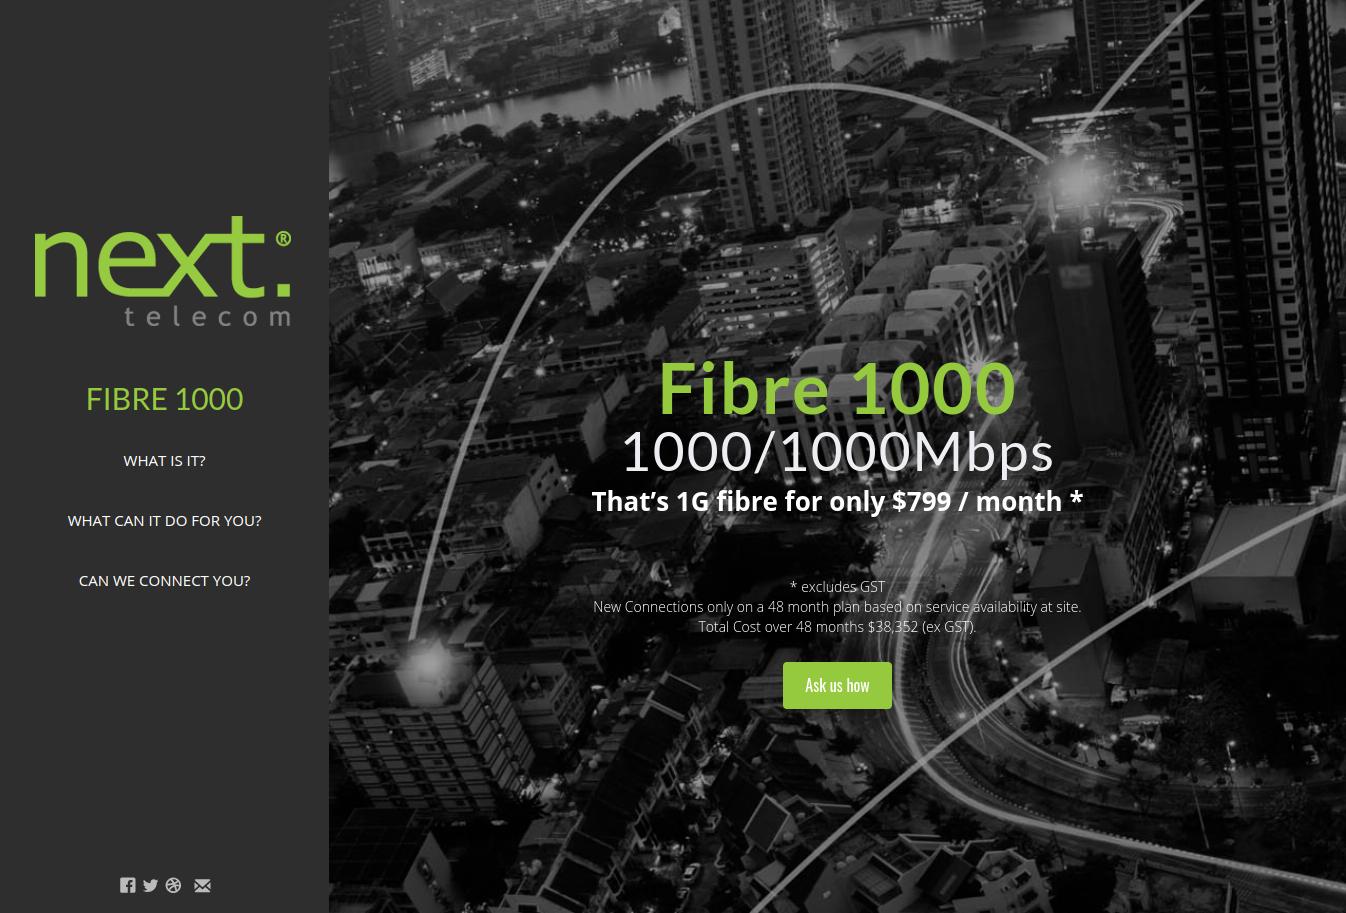 Next Telecom FIbre 1000 site